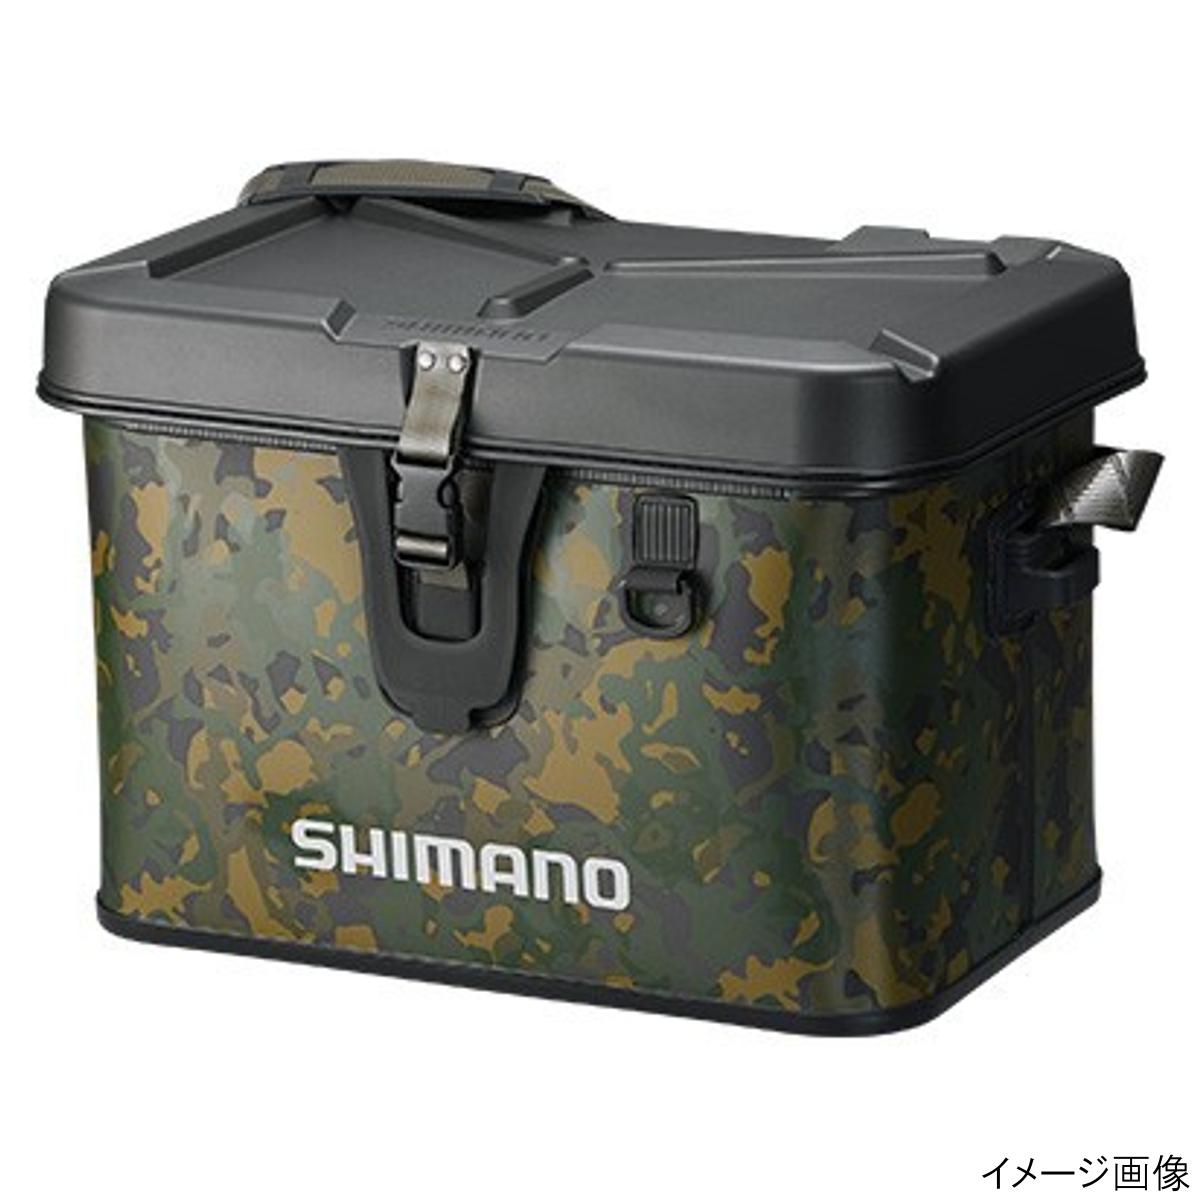 シマノ タックルボートバッグ(ハードタイプ) BK-001Q 27L ベージュウィードカモ